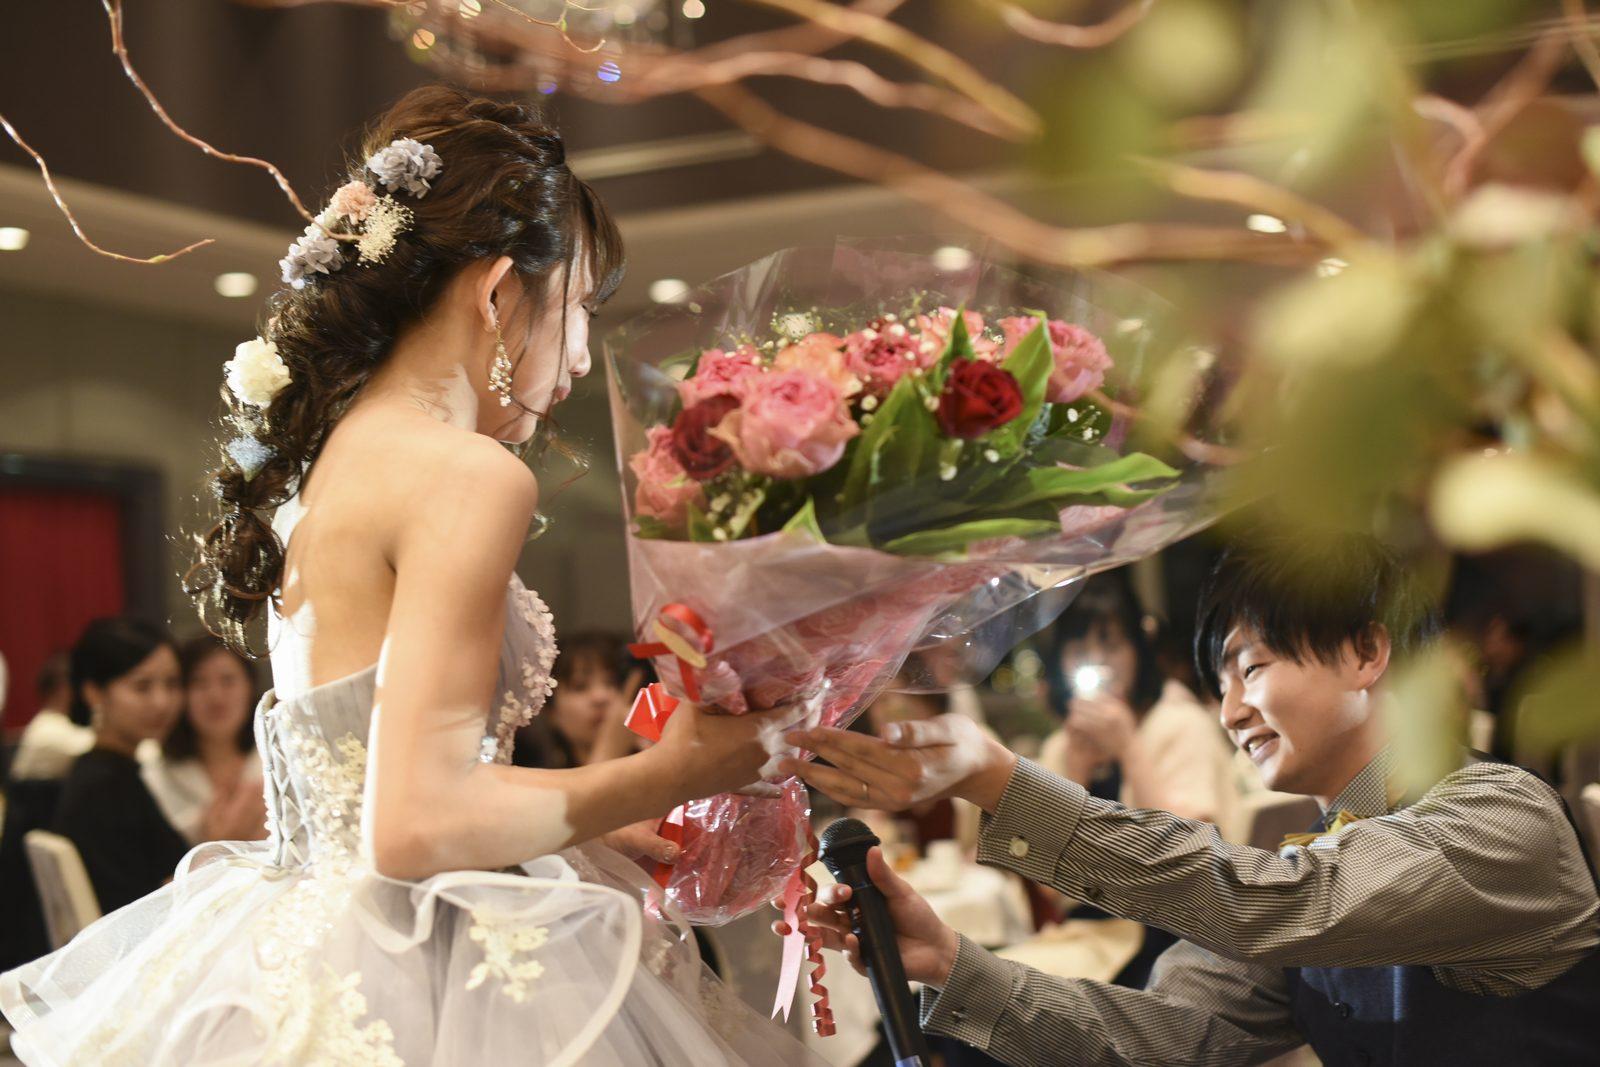 徳島市の結婚式場ブランアンジュの新婦様への逆サプライズでの花束プレゼント